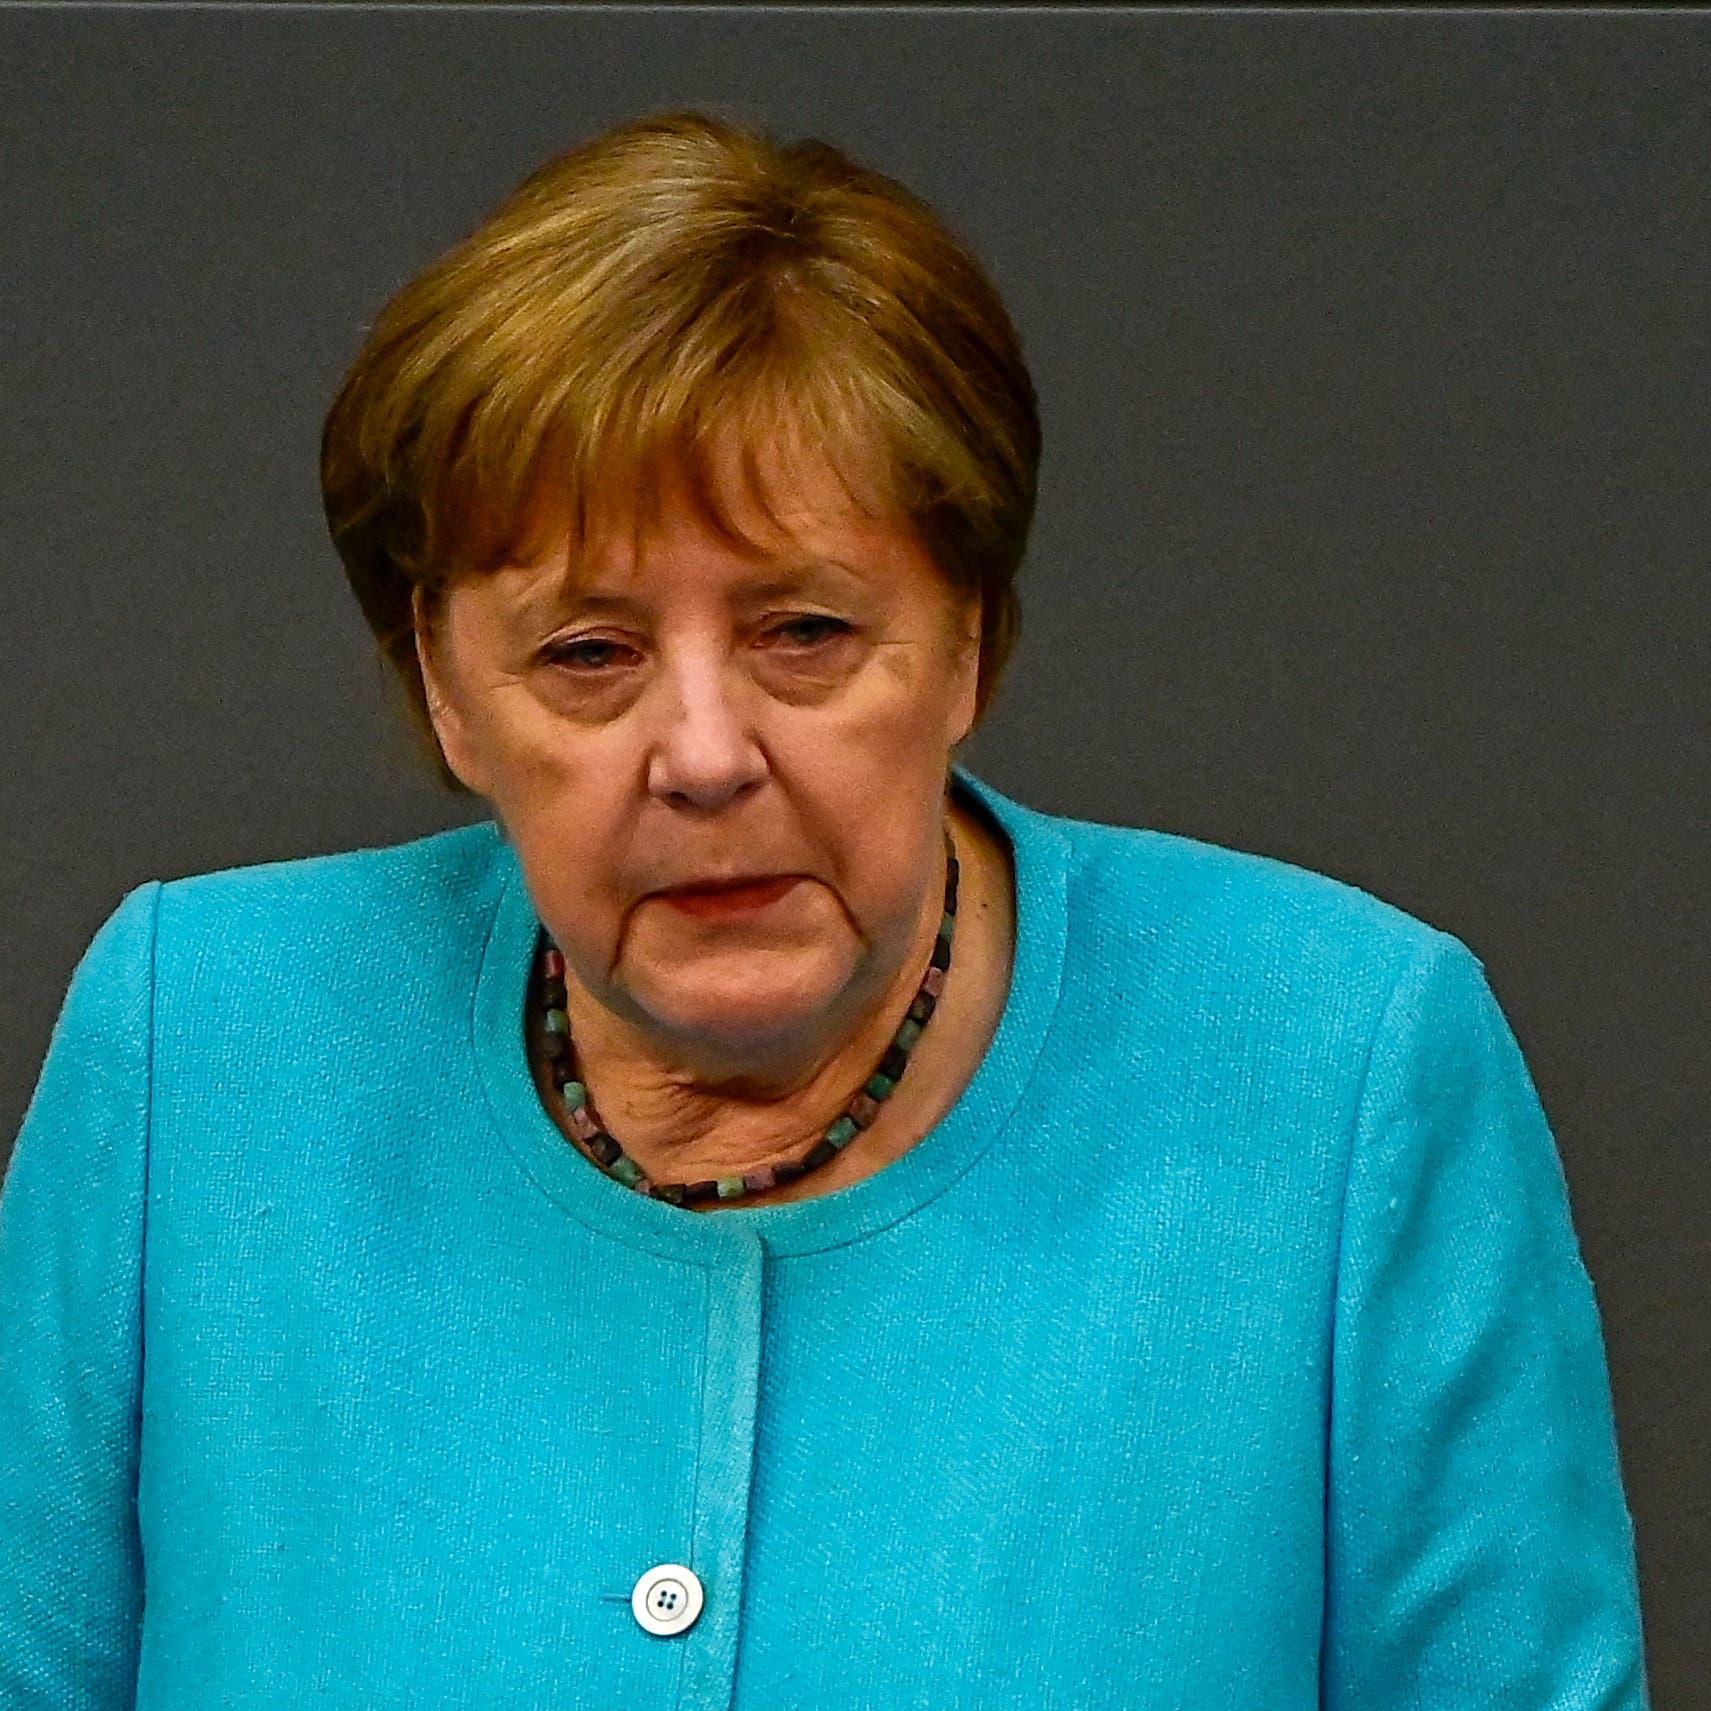 ميركل تتعهد بتقديم مساعدات مالية سريعة للمتضررين من فيضانات ألمانيا